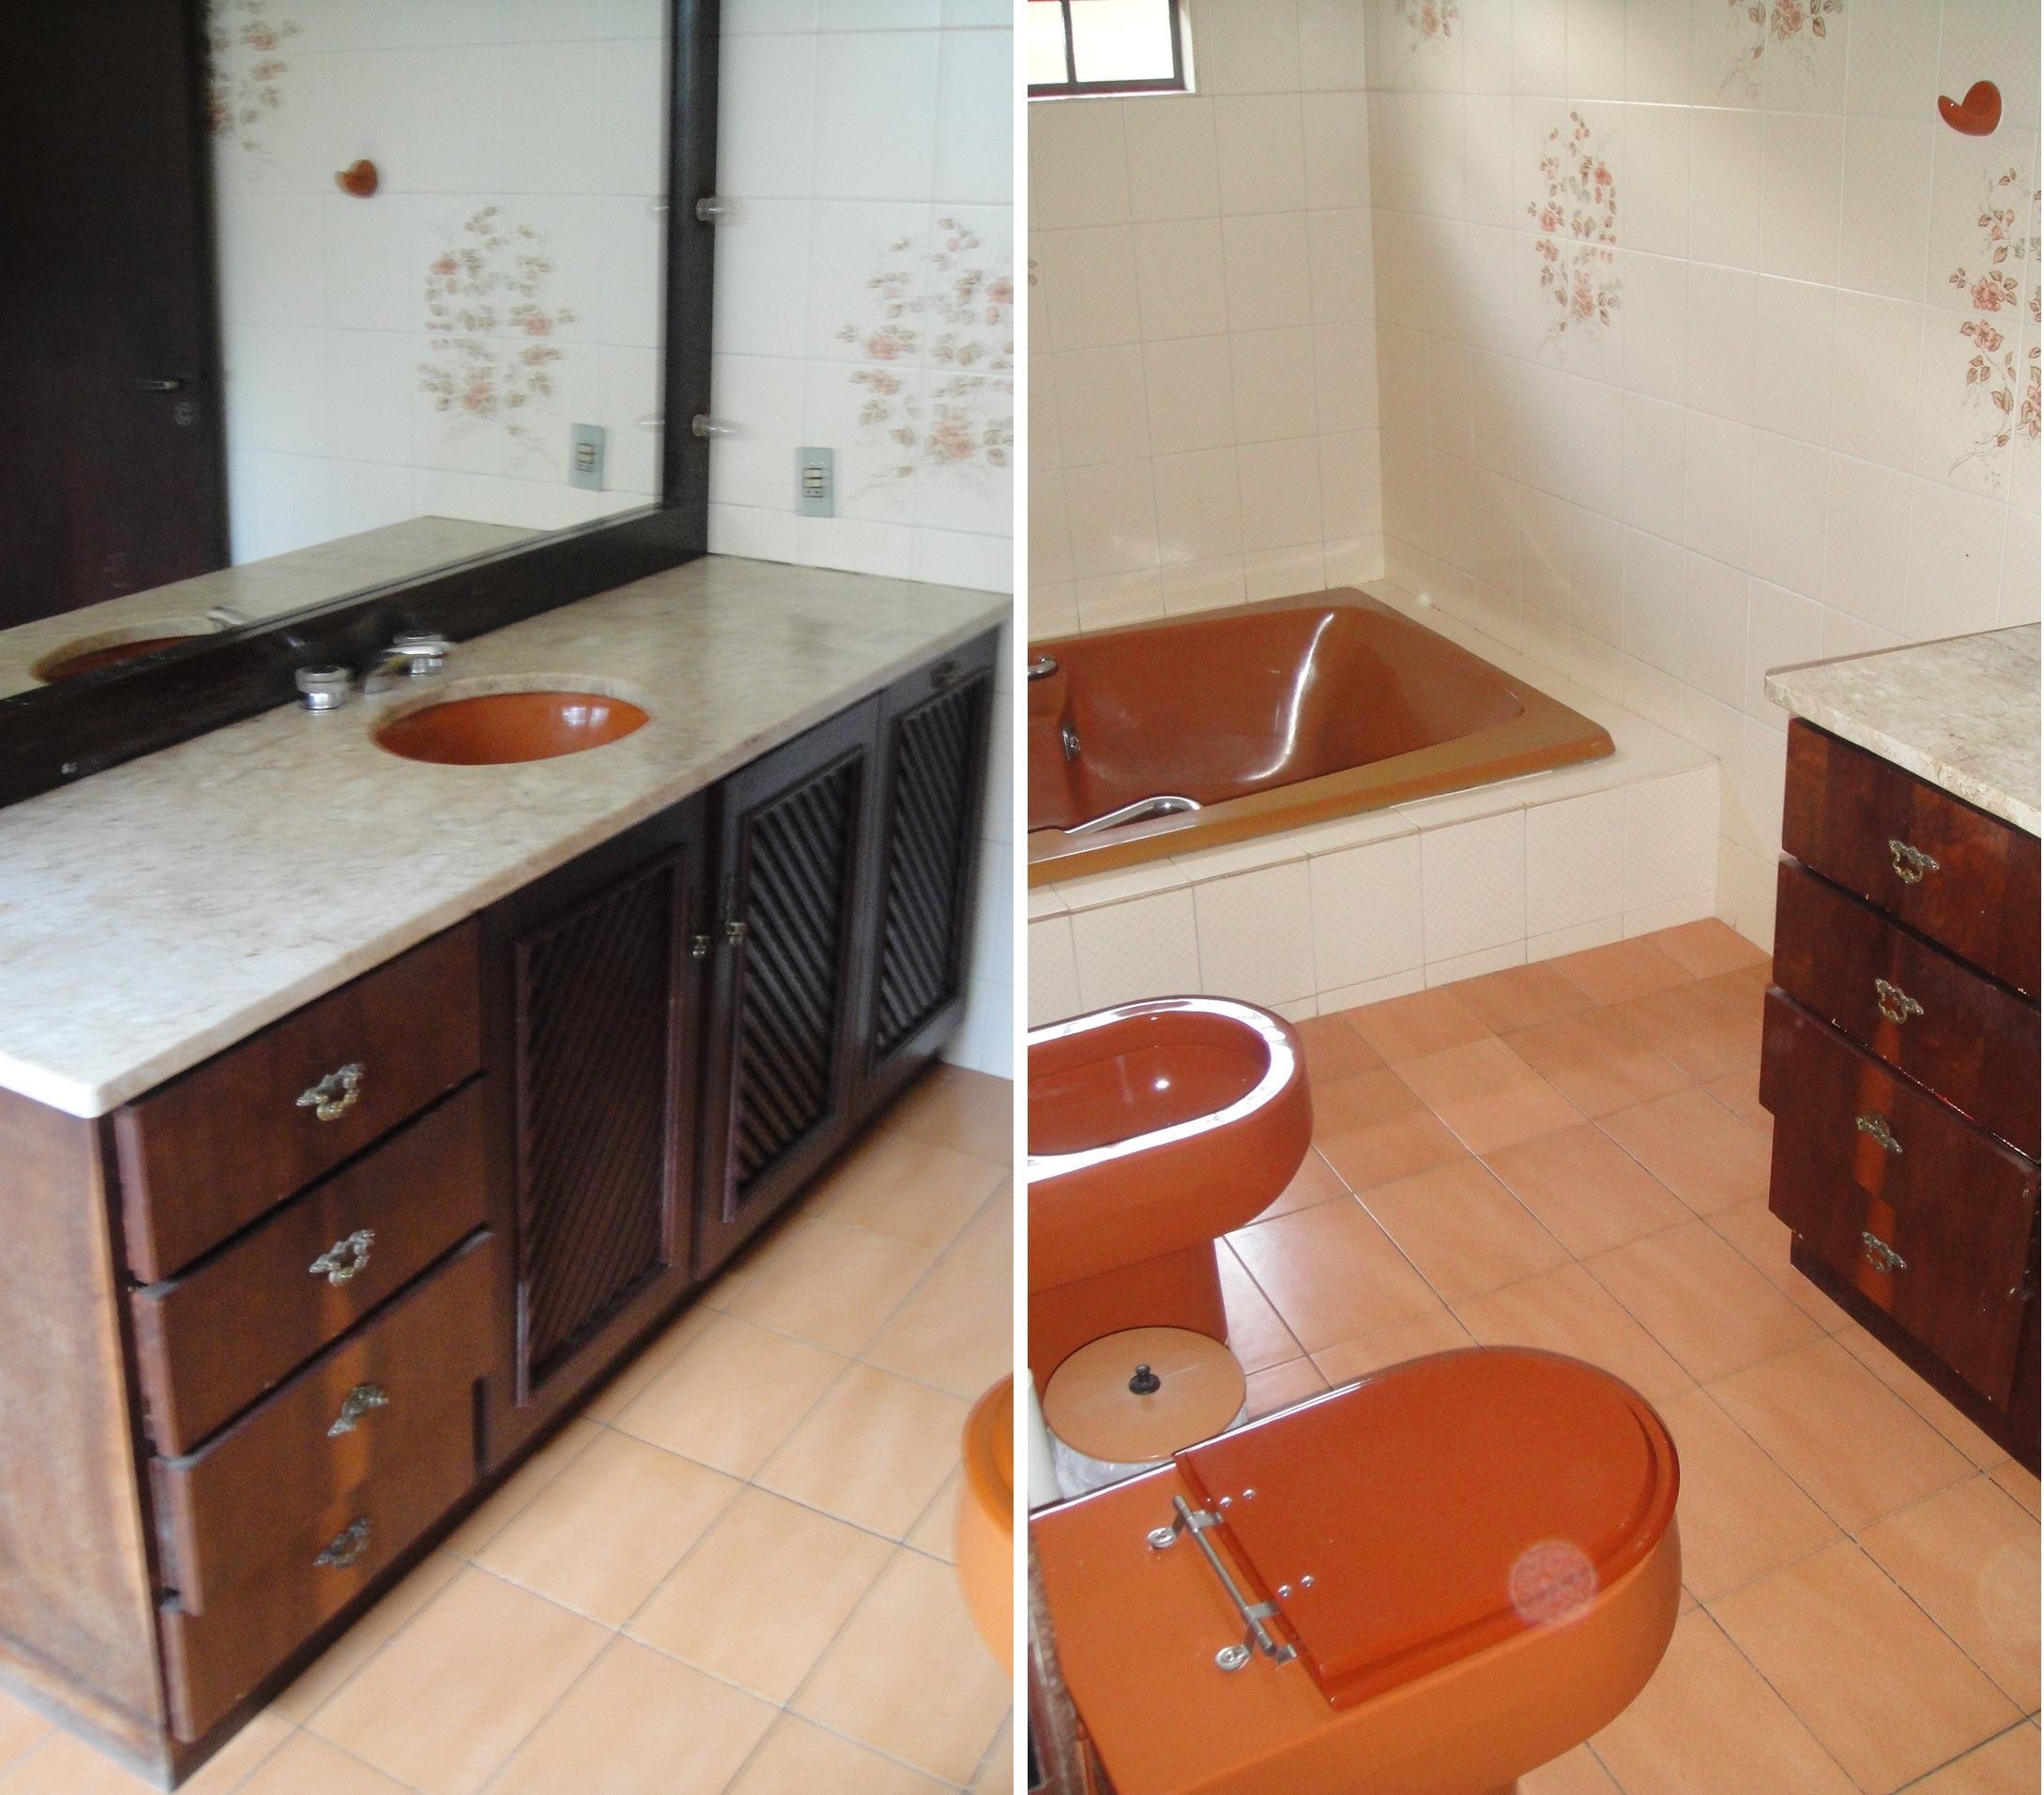 Antes e depois – Reforma de banheiro Arquiteta Elis #B0431B 2178 1913